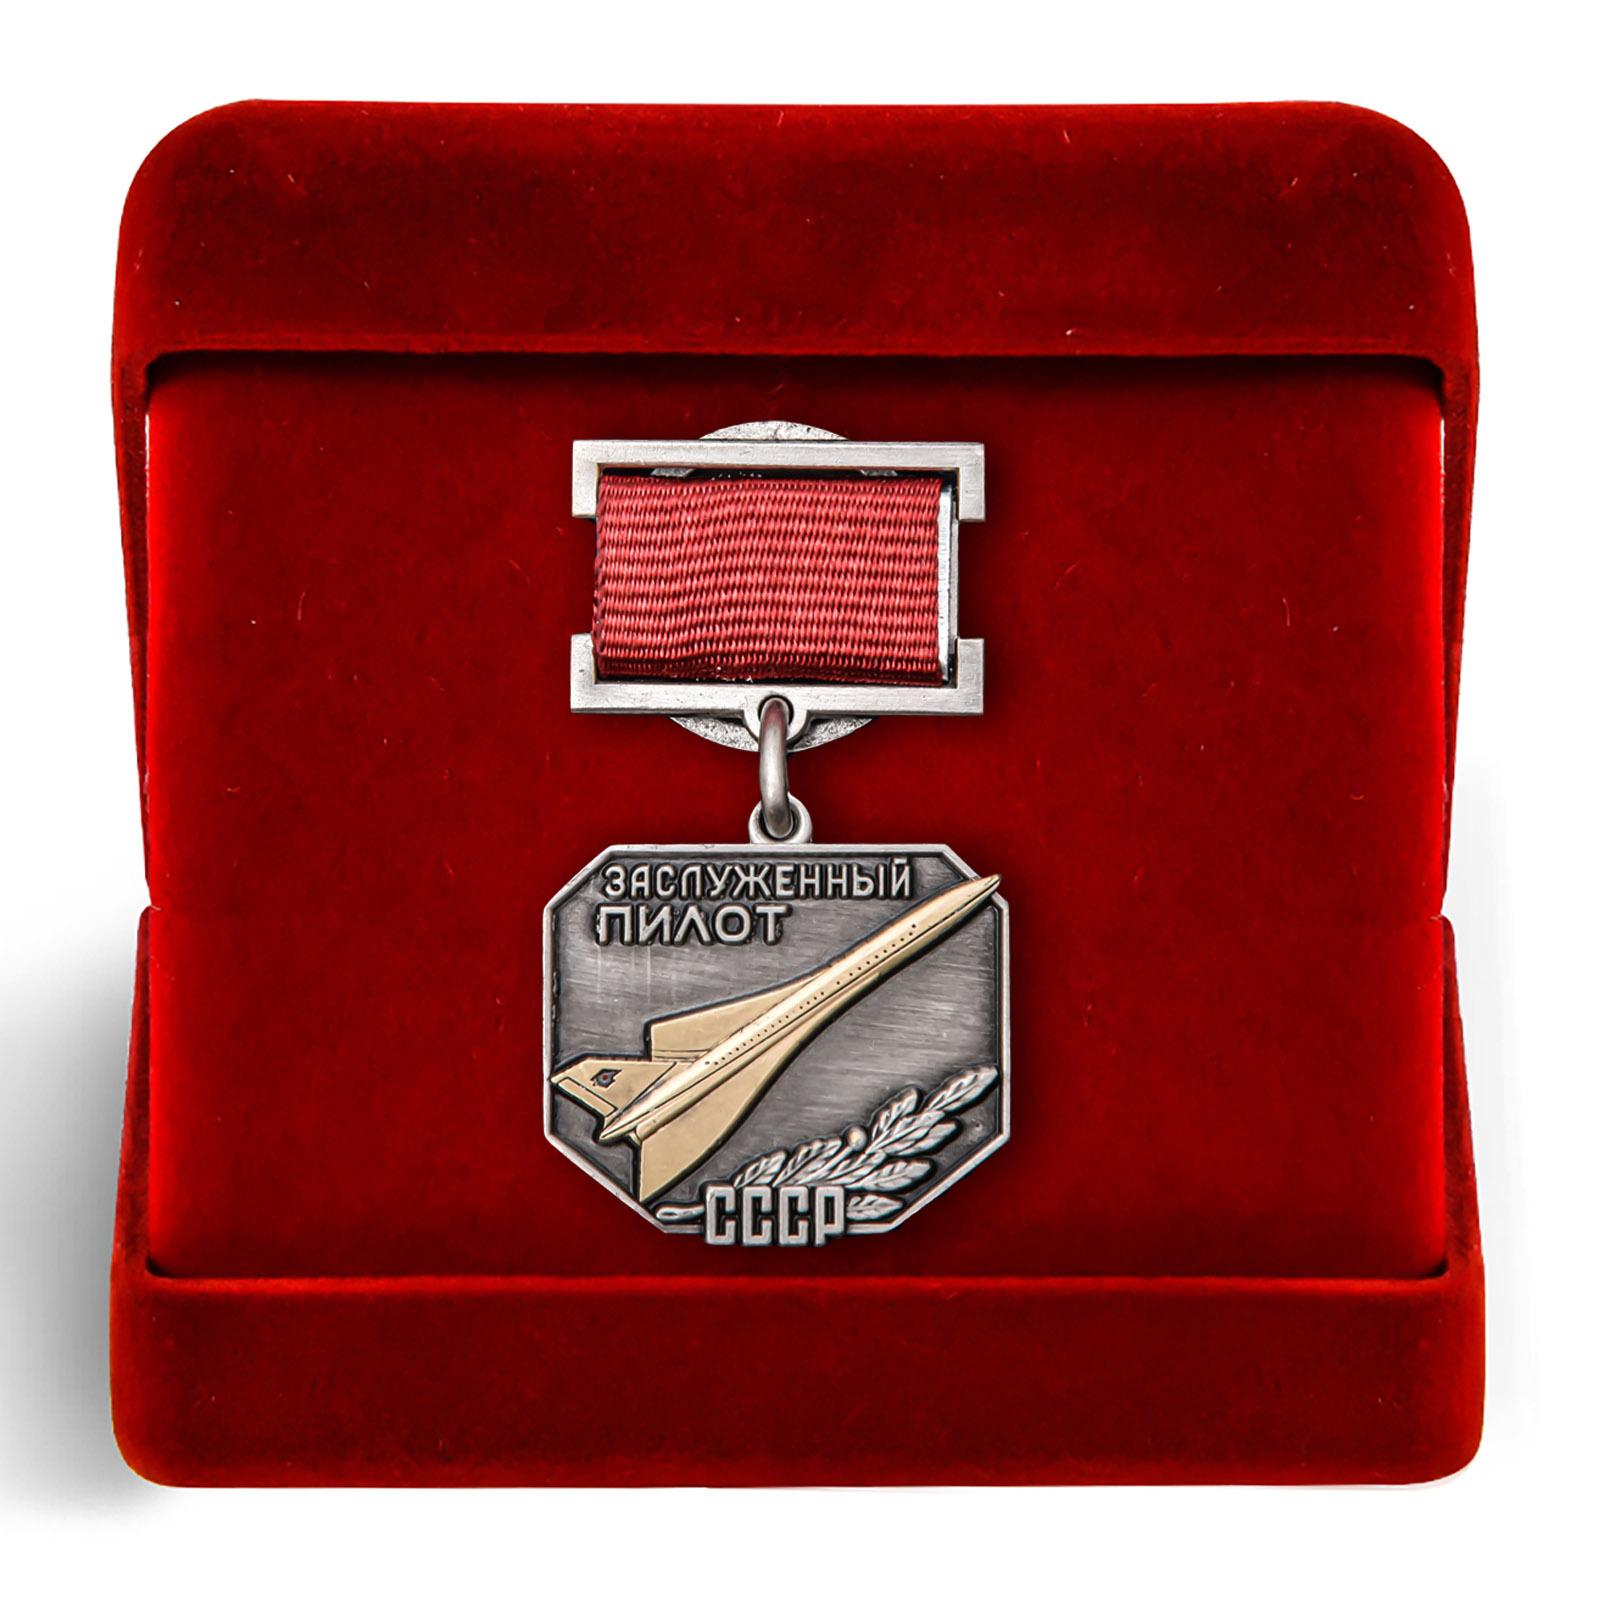 Купить знак Заслуженный пилот СССР по экономичной цене